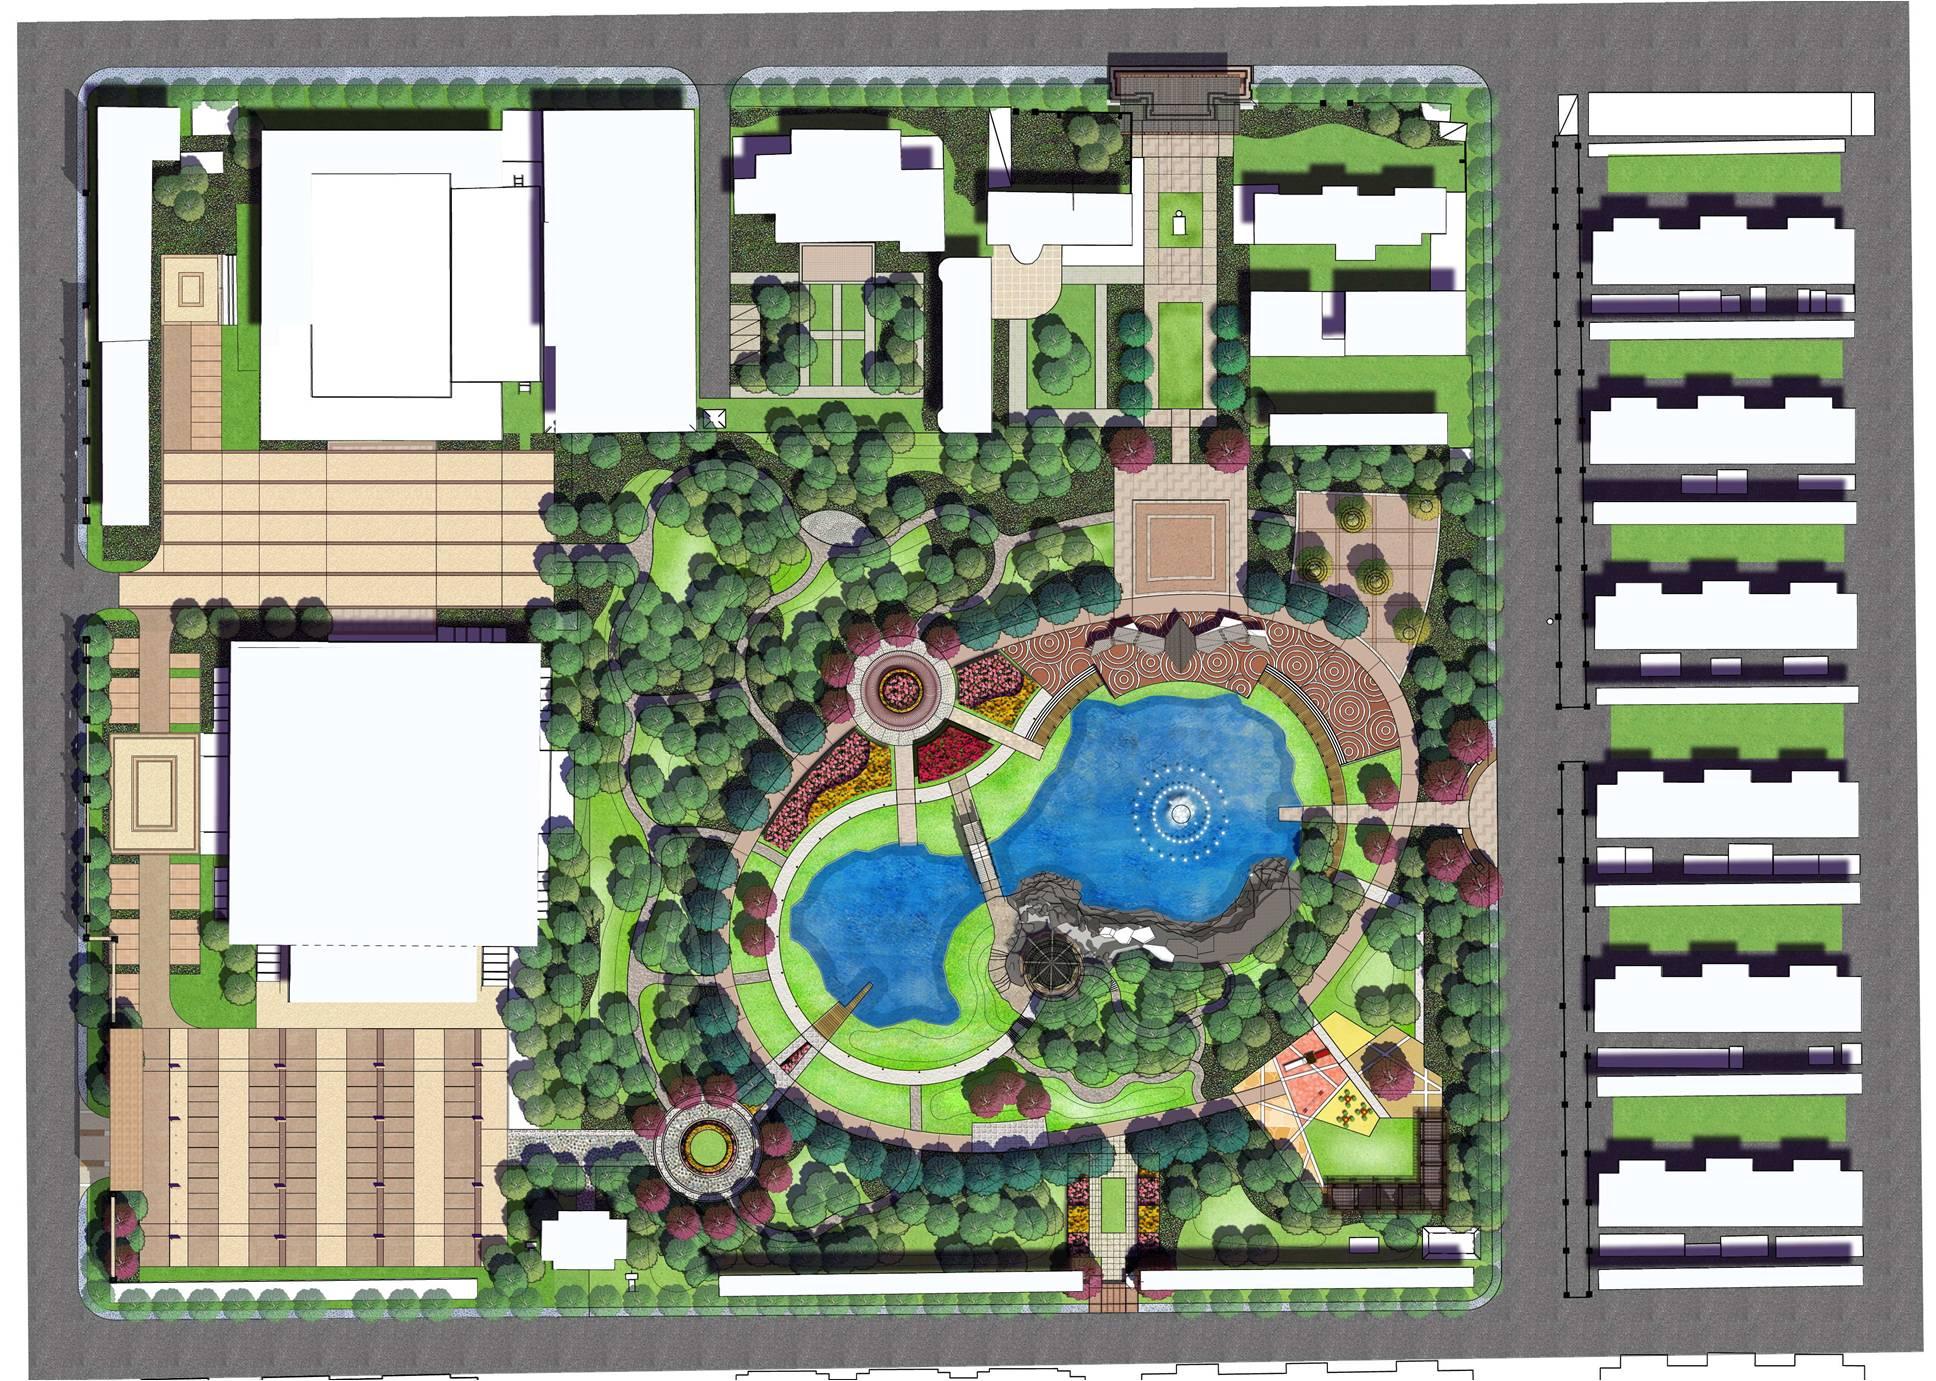 小游园用地总平面图的下载地址,园林方案设计,街头绿地,园林景观 宽